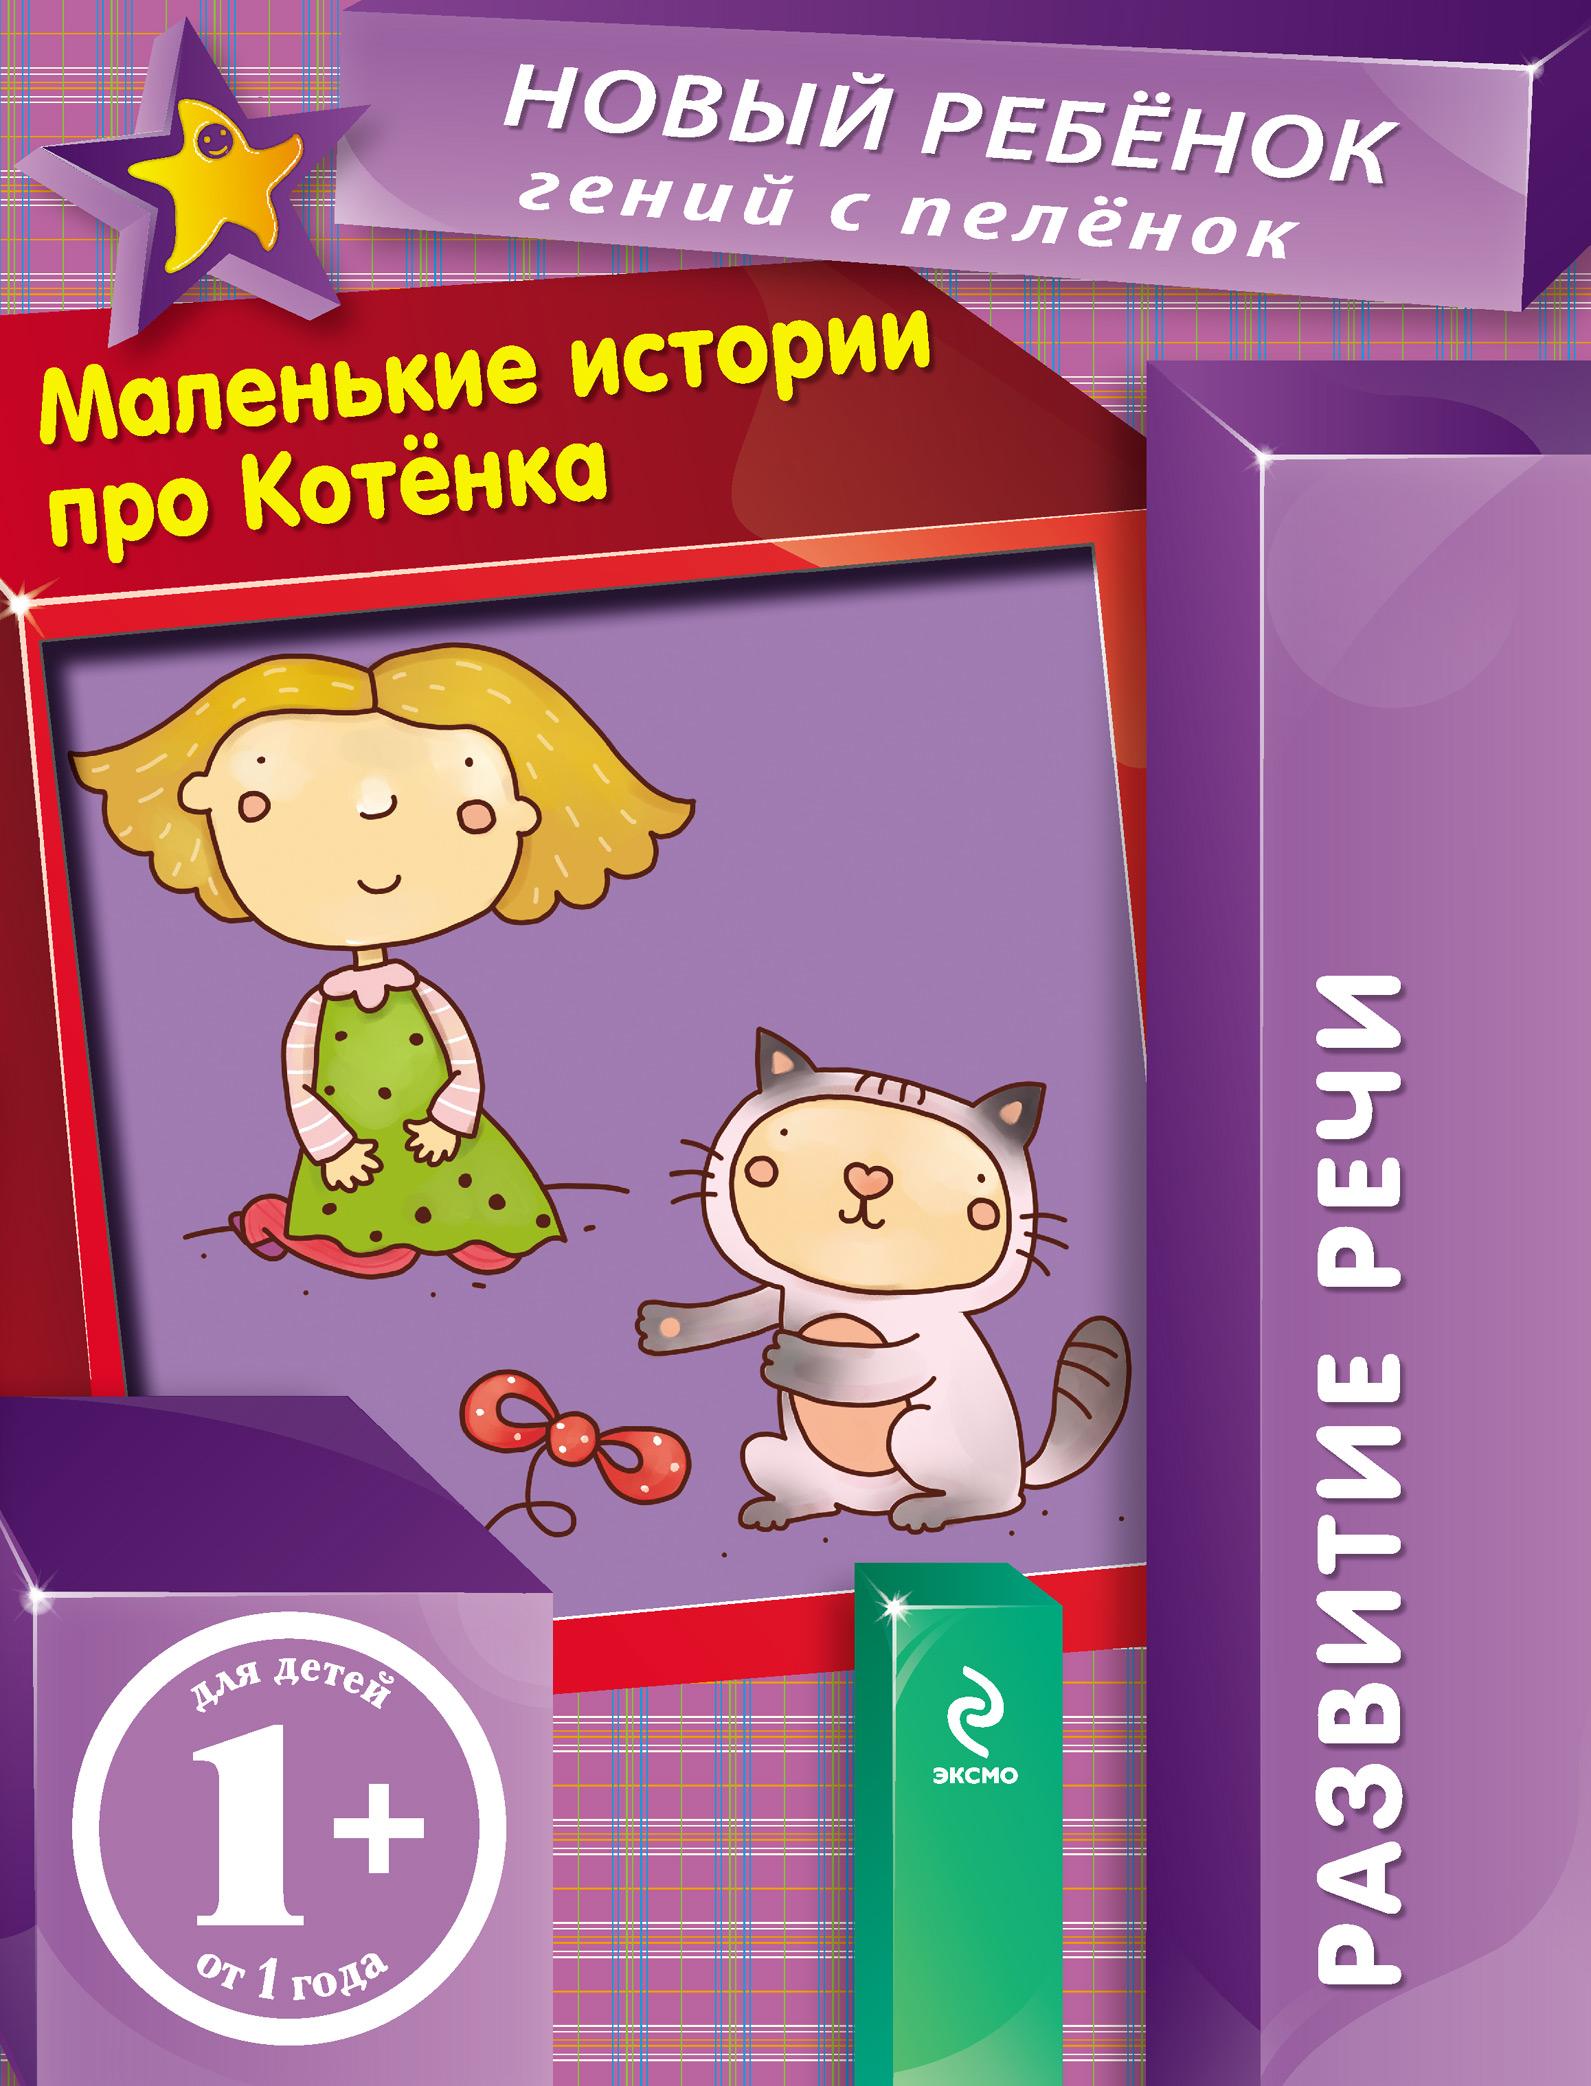 Елена Янушко Маленькие истории про Котенка. Развитие речи янушко е маленькие истории про котенка развитие речи для детей от 1 года